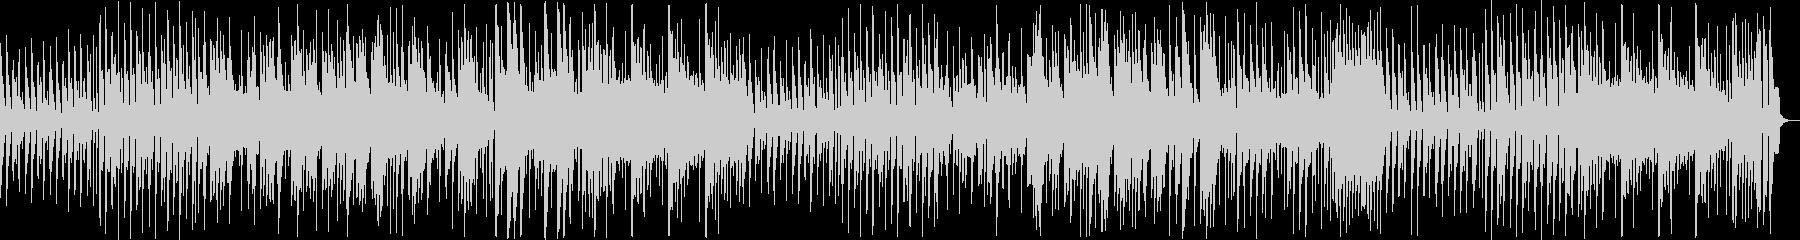 8bitメルヘン、コミカル、ダークBGMの未再生の波形